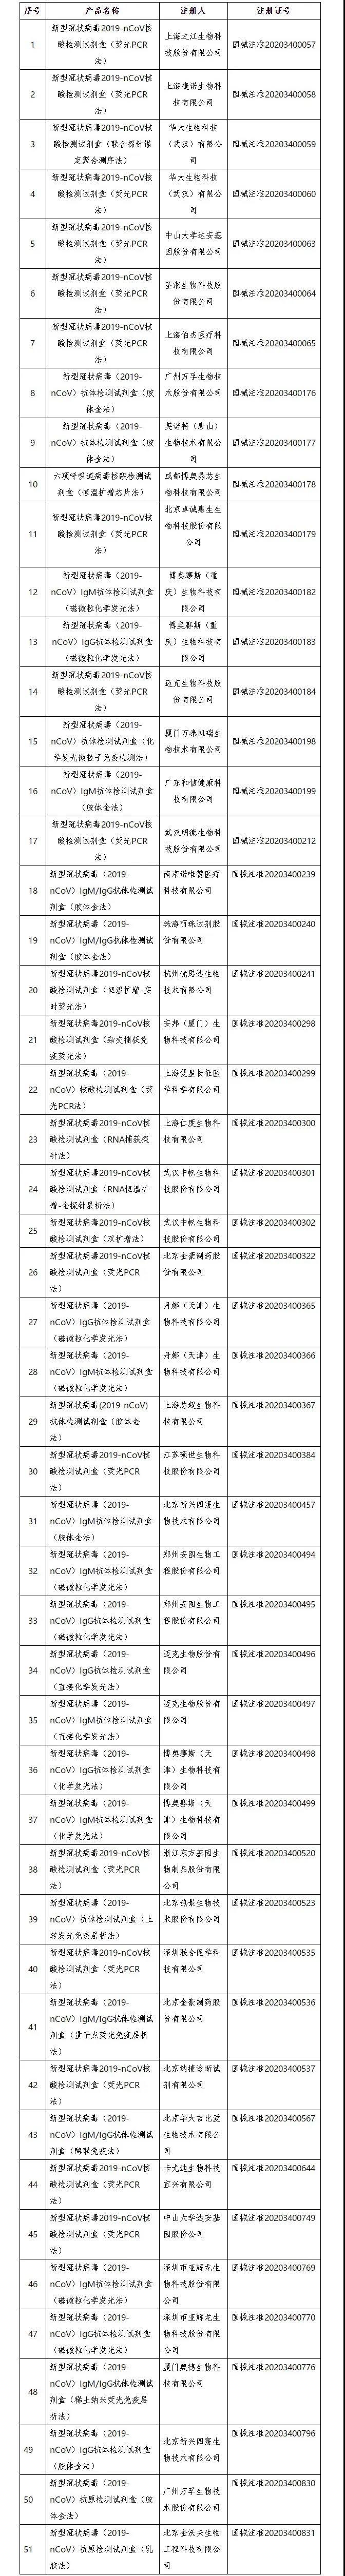 新冠病毒抗原检测试剂获首批 目前国内上市的新冠检测产品共51个(名单)